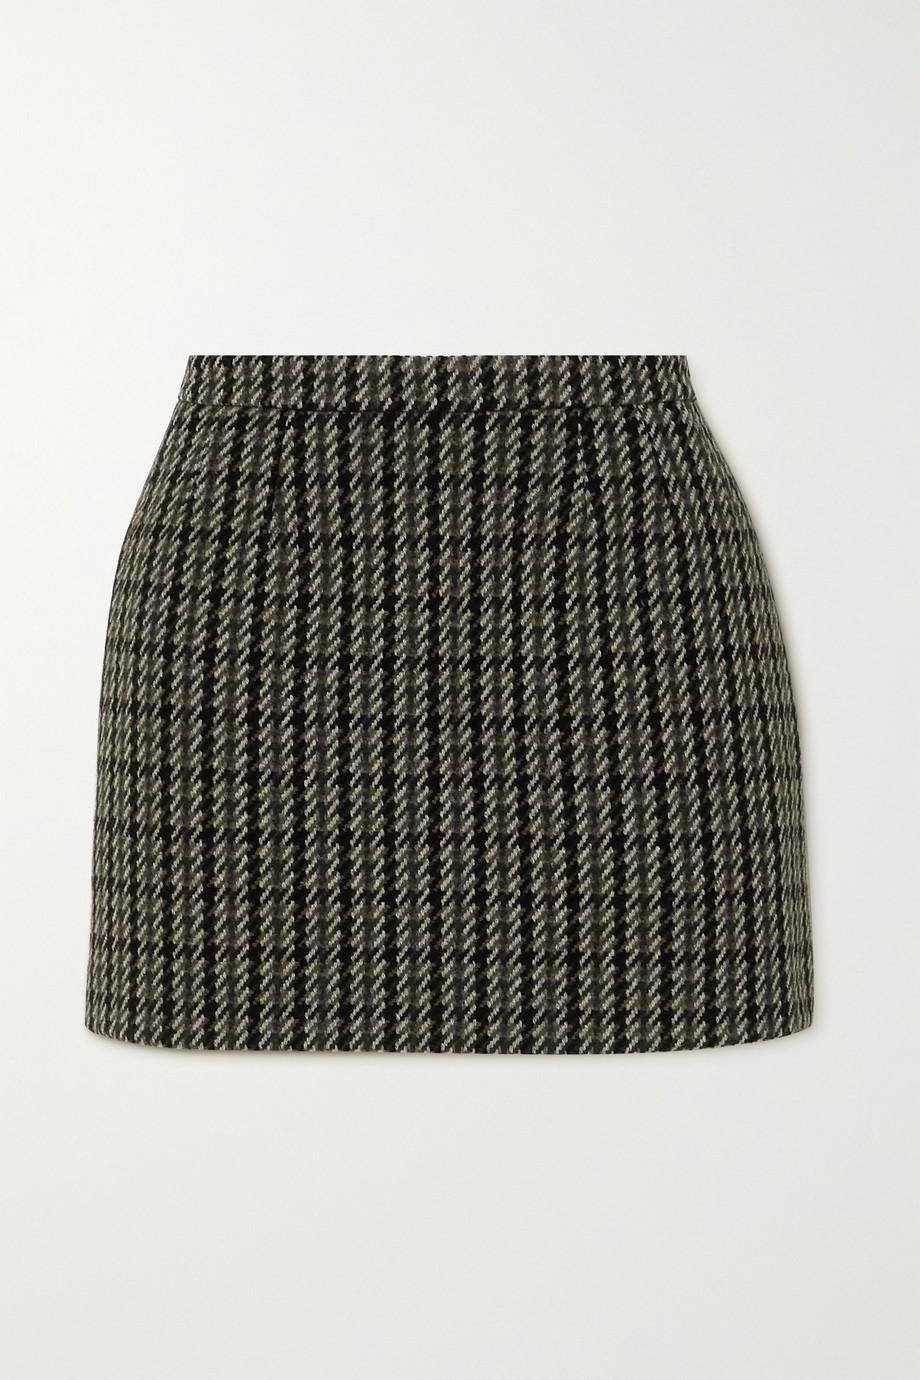 REDValentino Minirock aus Tweed aus einer Wollmischung